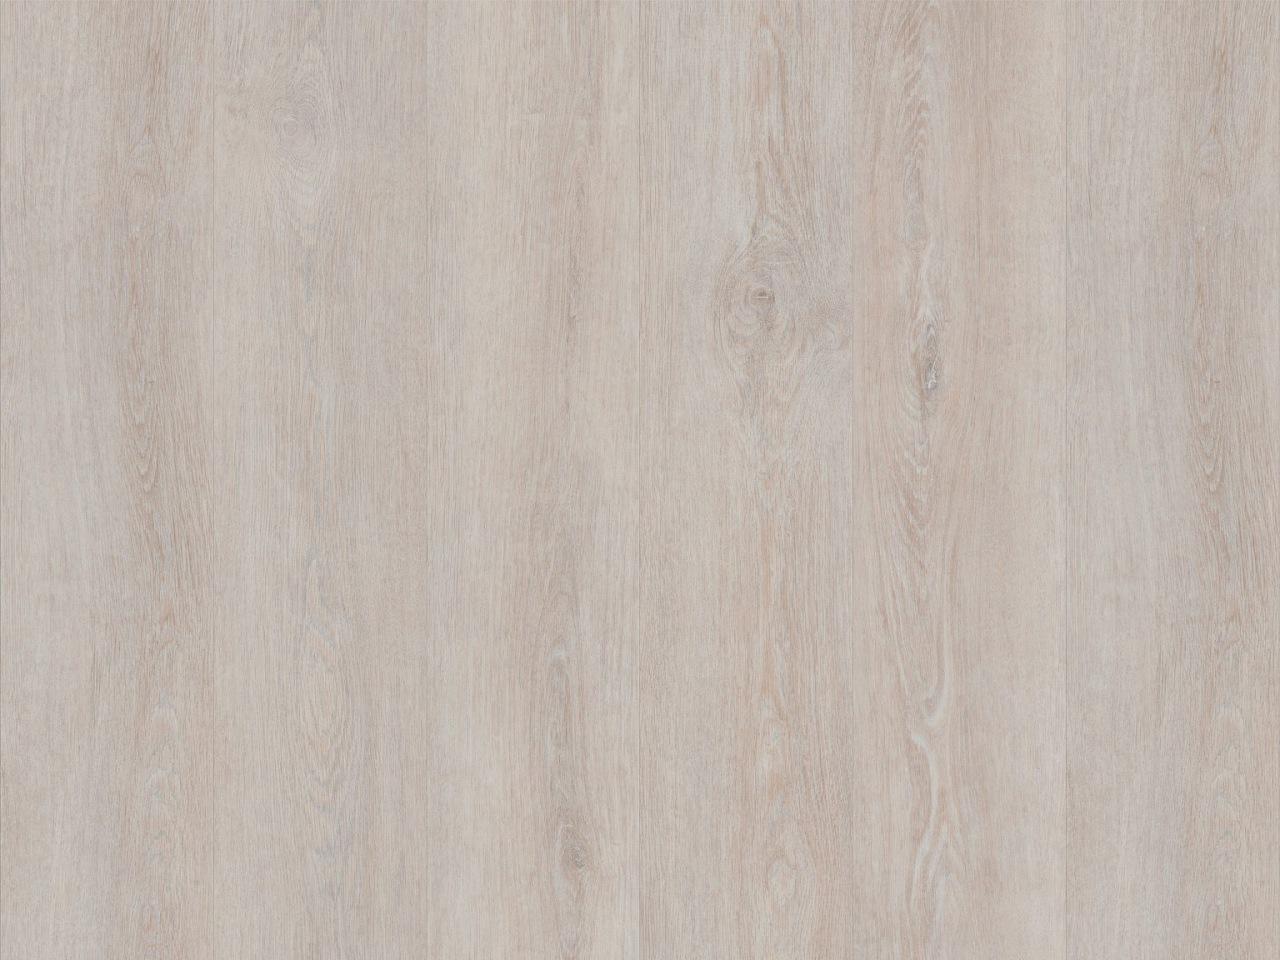 Designbelag Alesso wood – Eiche Ostende, 324005